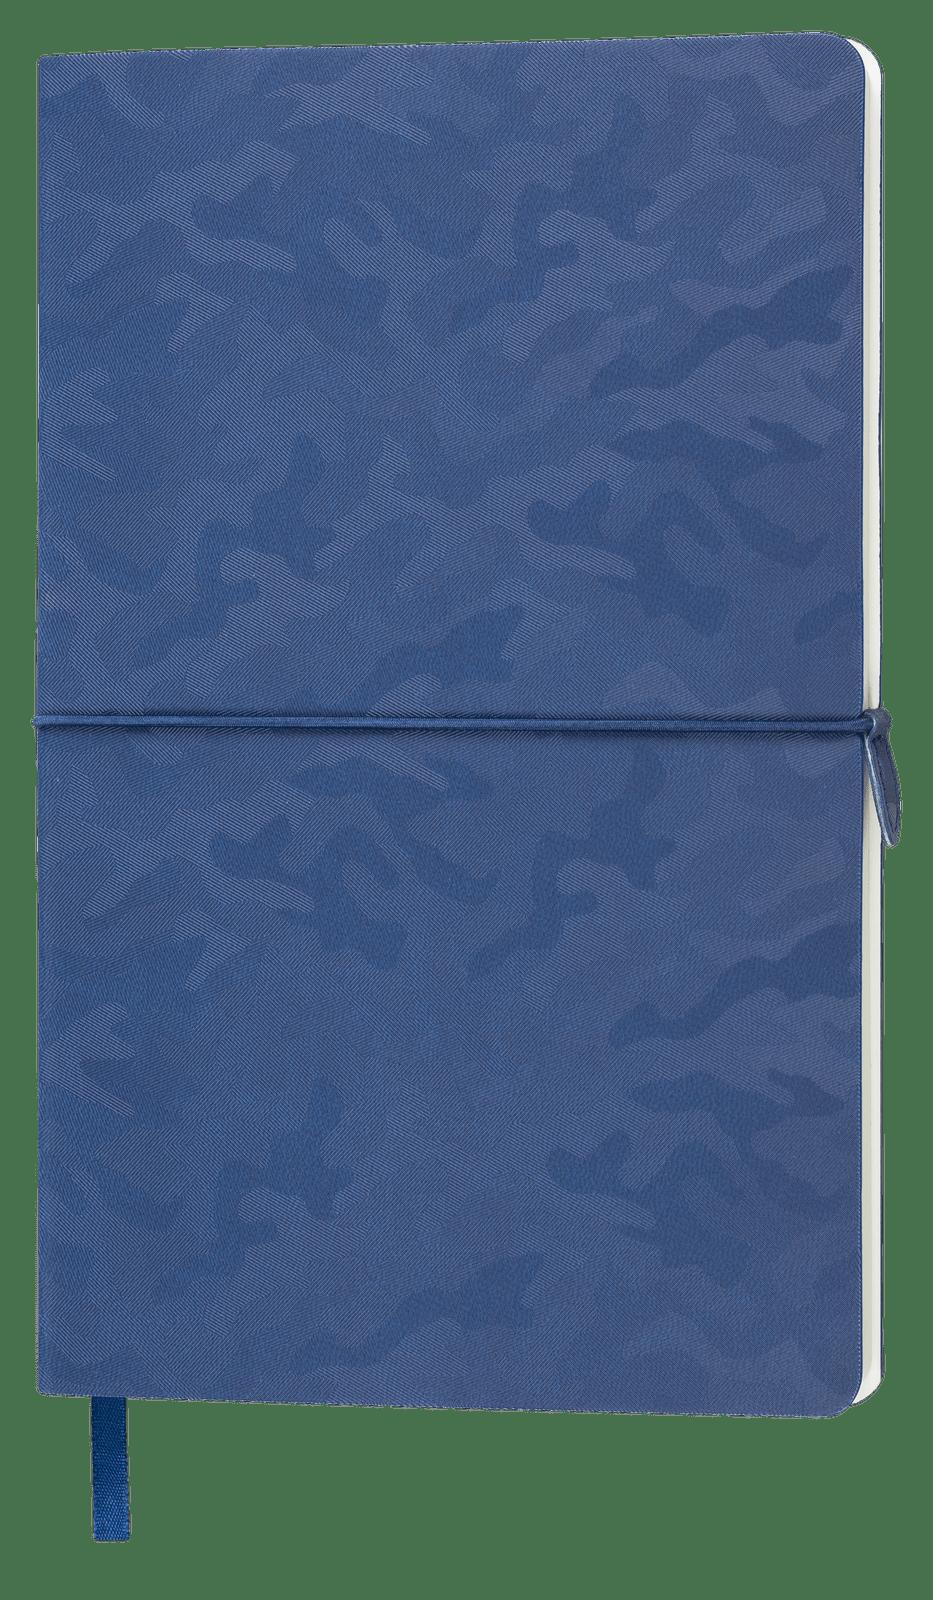 TM21226_26 - Tabby Franky azul marino